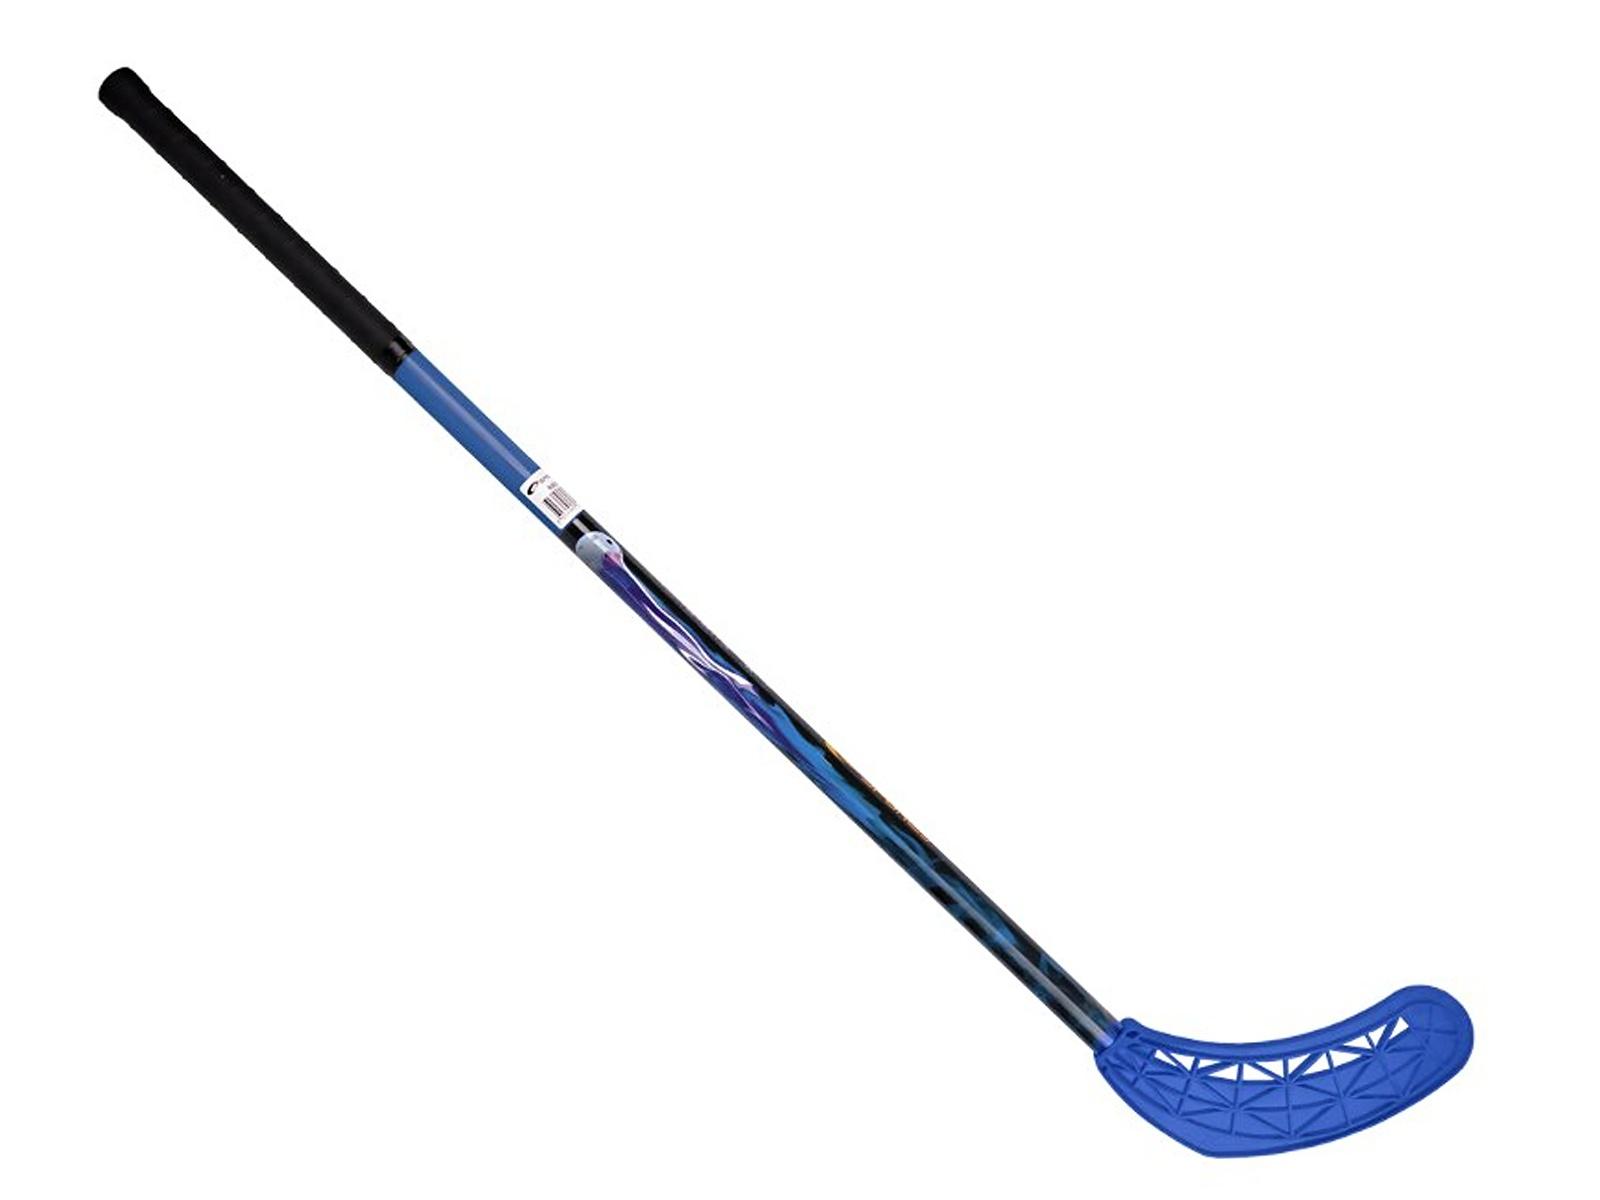 Florbalová hůl SPOKEY Avid 95B modrá